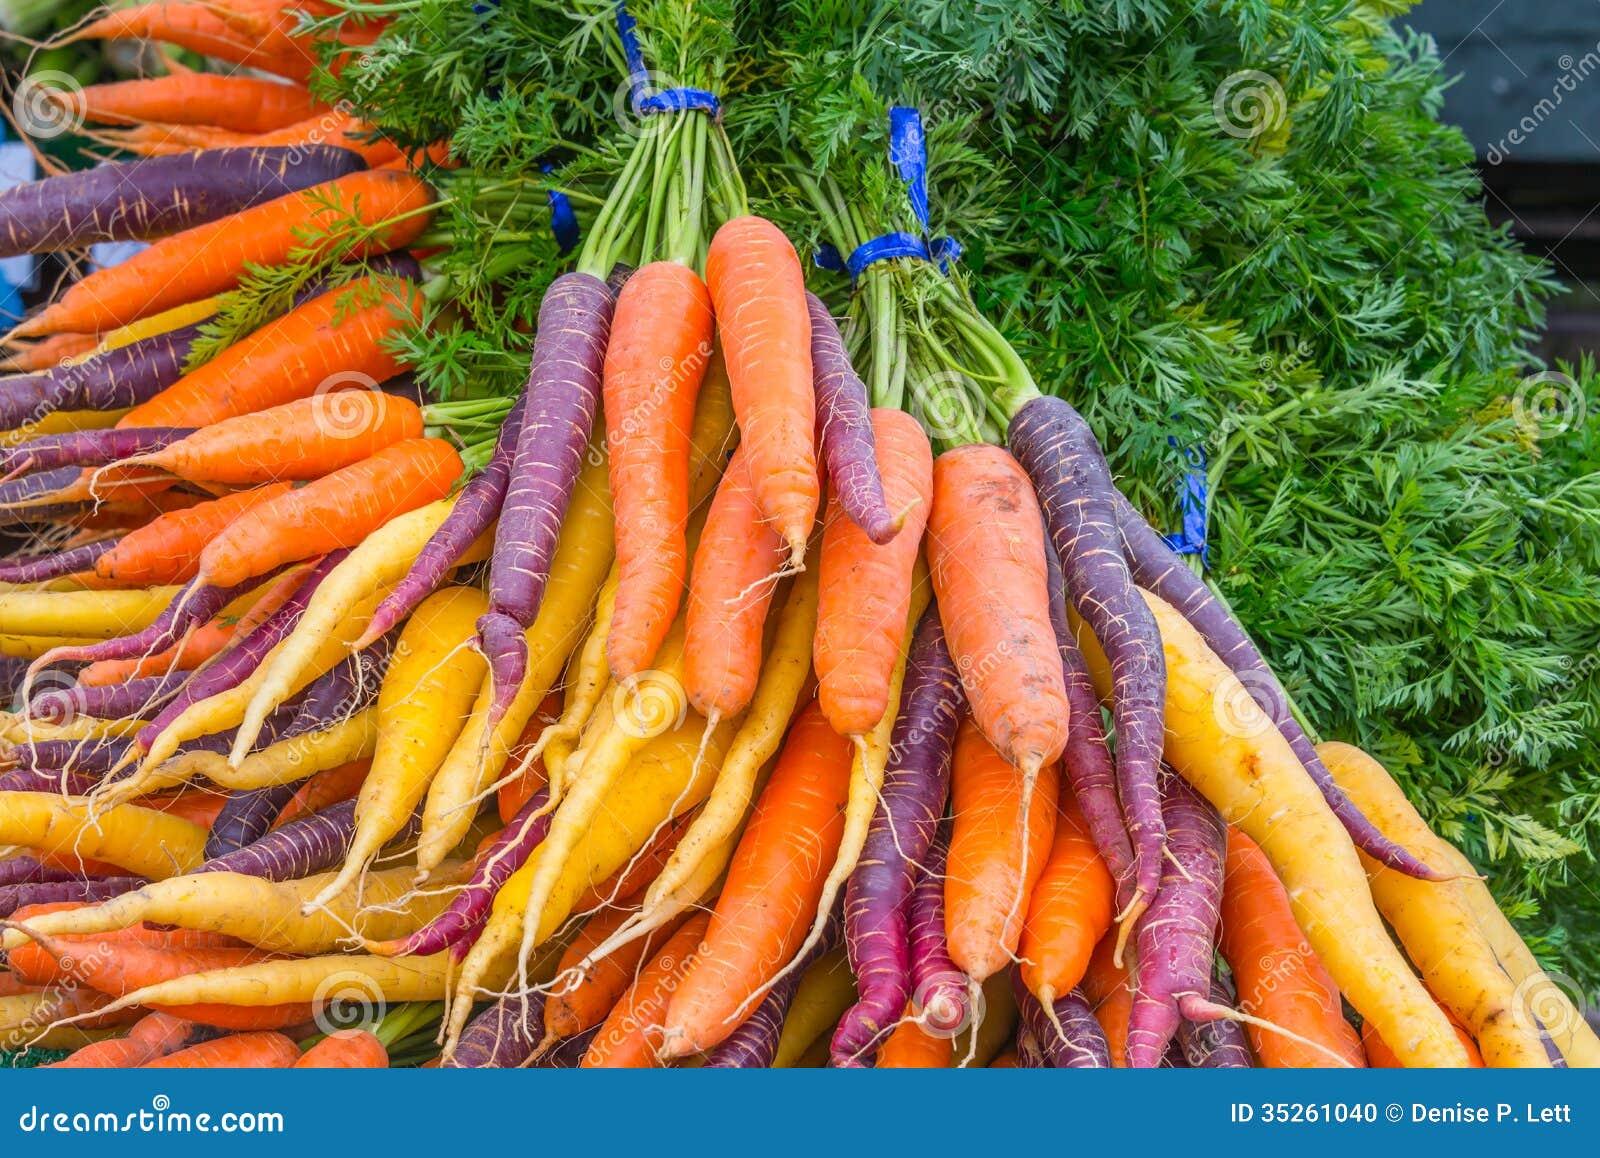 Cenouras orgânicas do arco-íris dos grupos